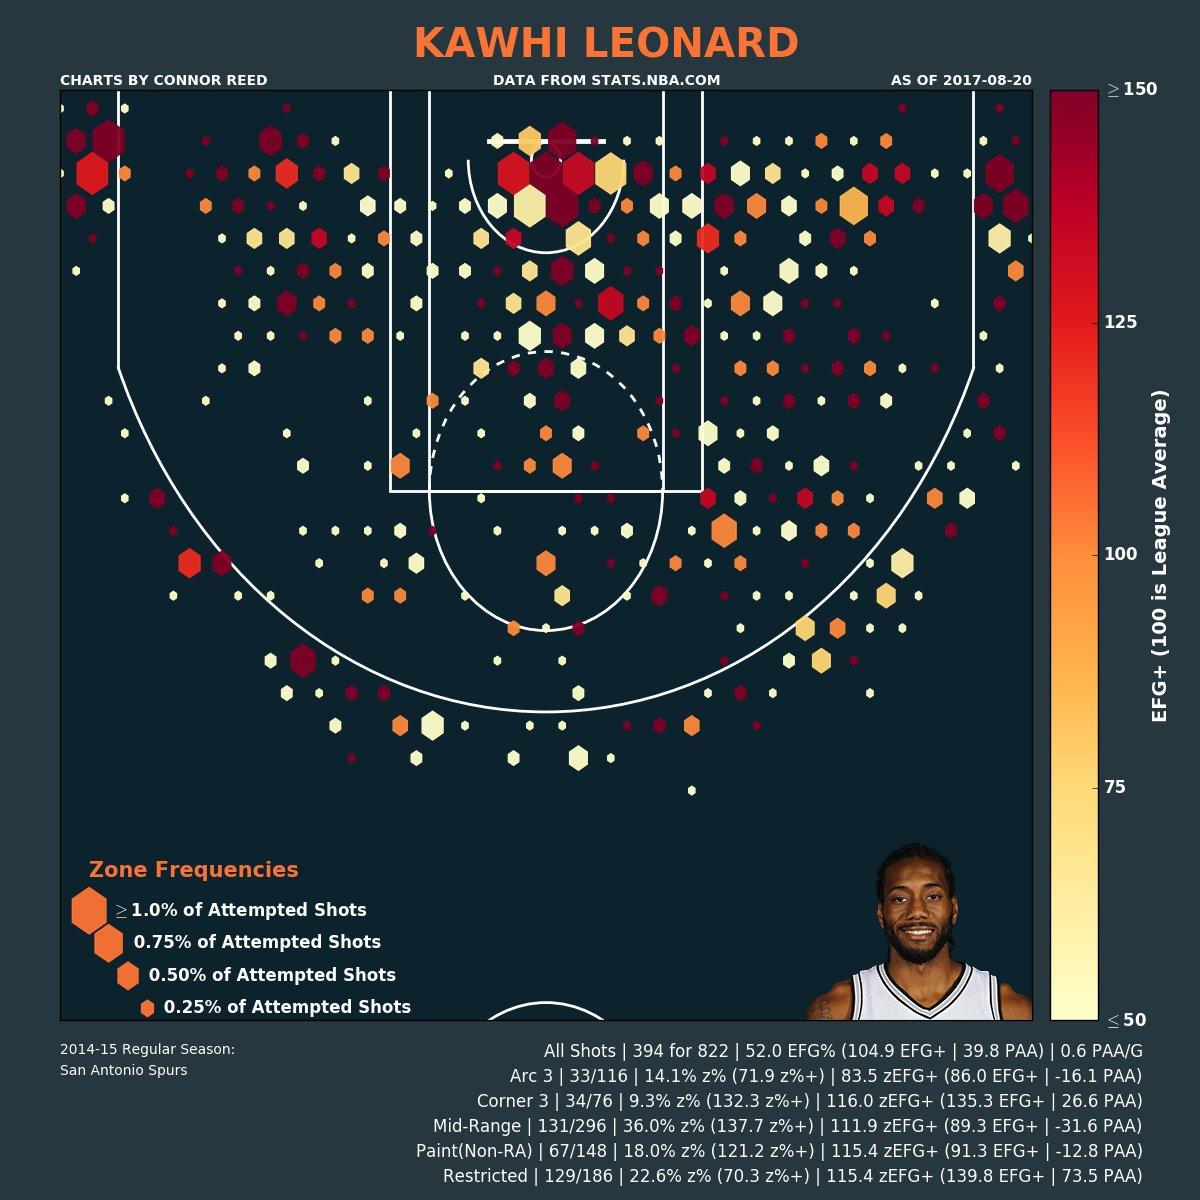 Kawhi Leonard's (@kawhileonard) 2014-15 Shot Chart (105 EFG+ | +40 PAA). #KawhiLeonard #Spurs https://t.co/jQCPXkCgbq